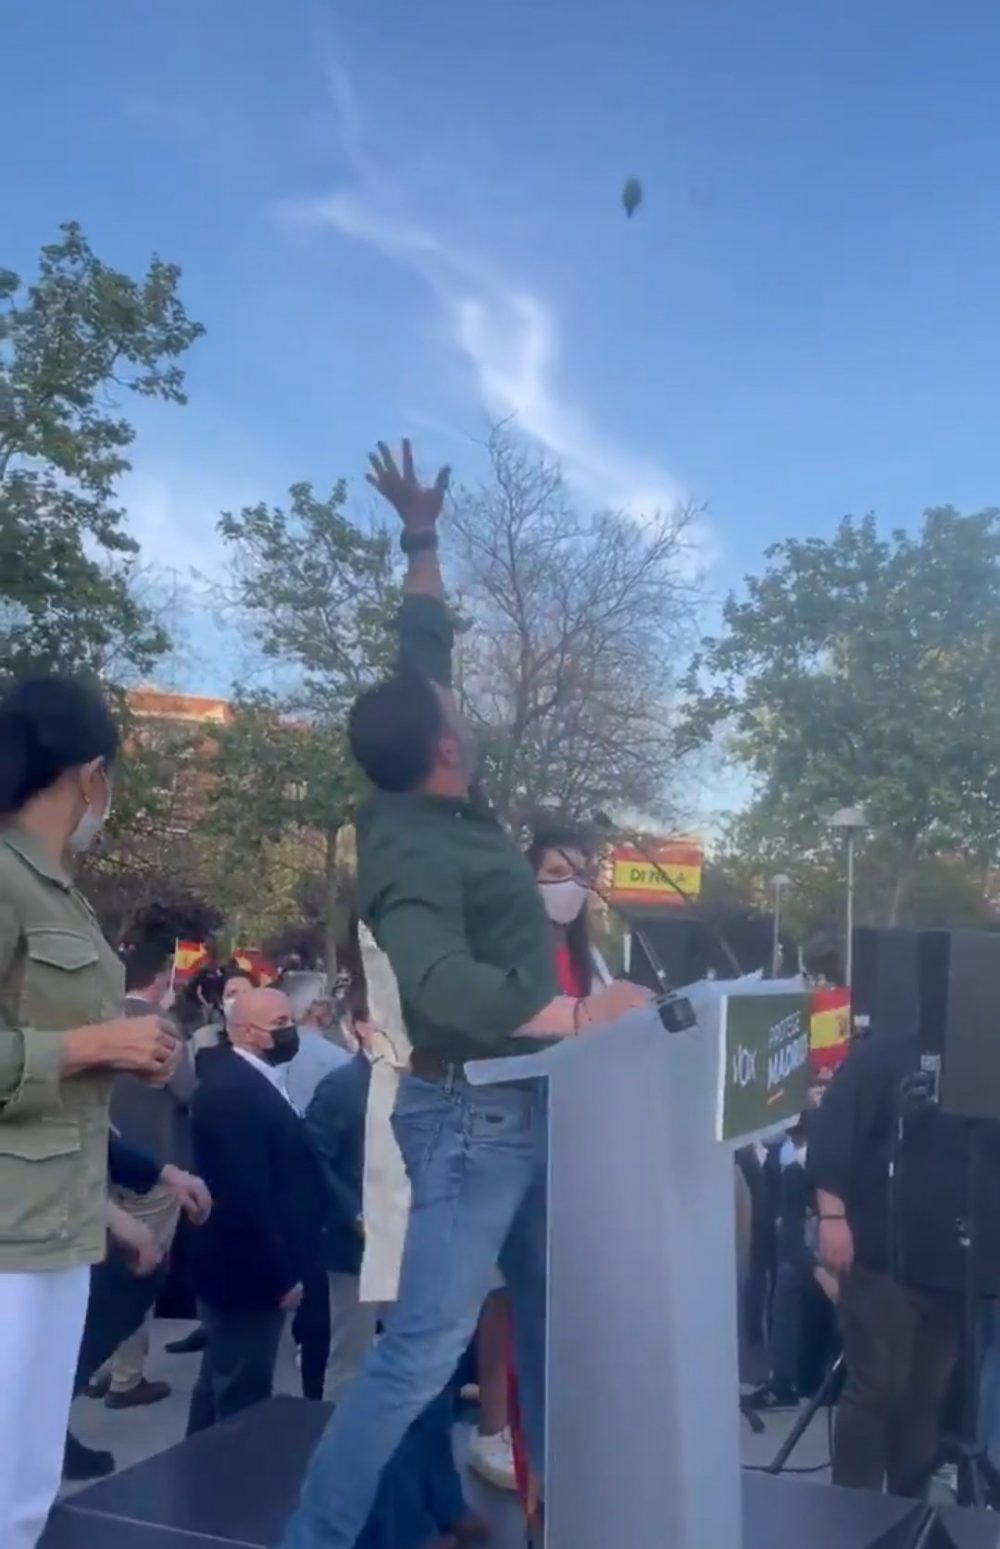 Ayer se vivió una tarde de protestas pacíficas en Vallecas...